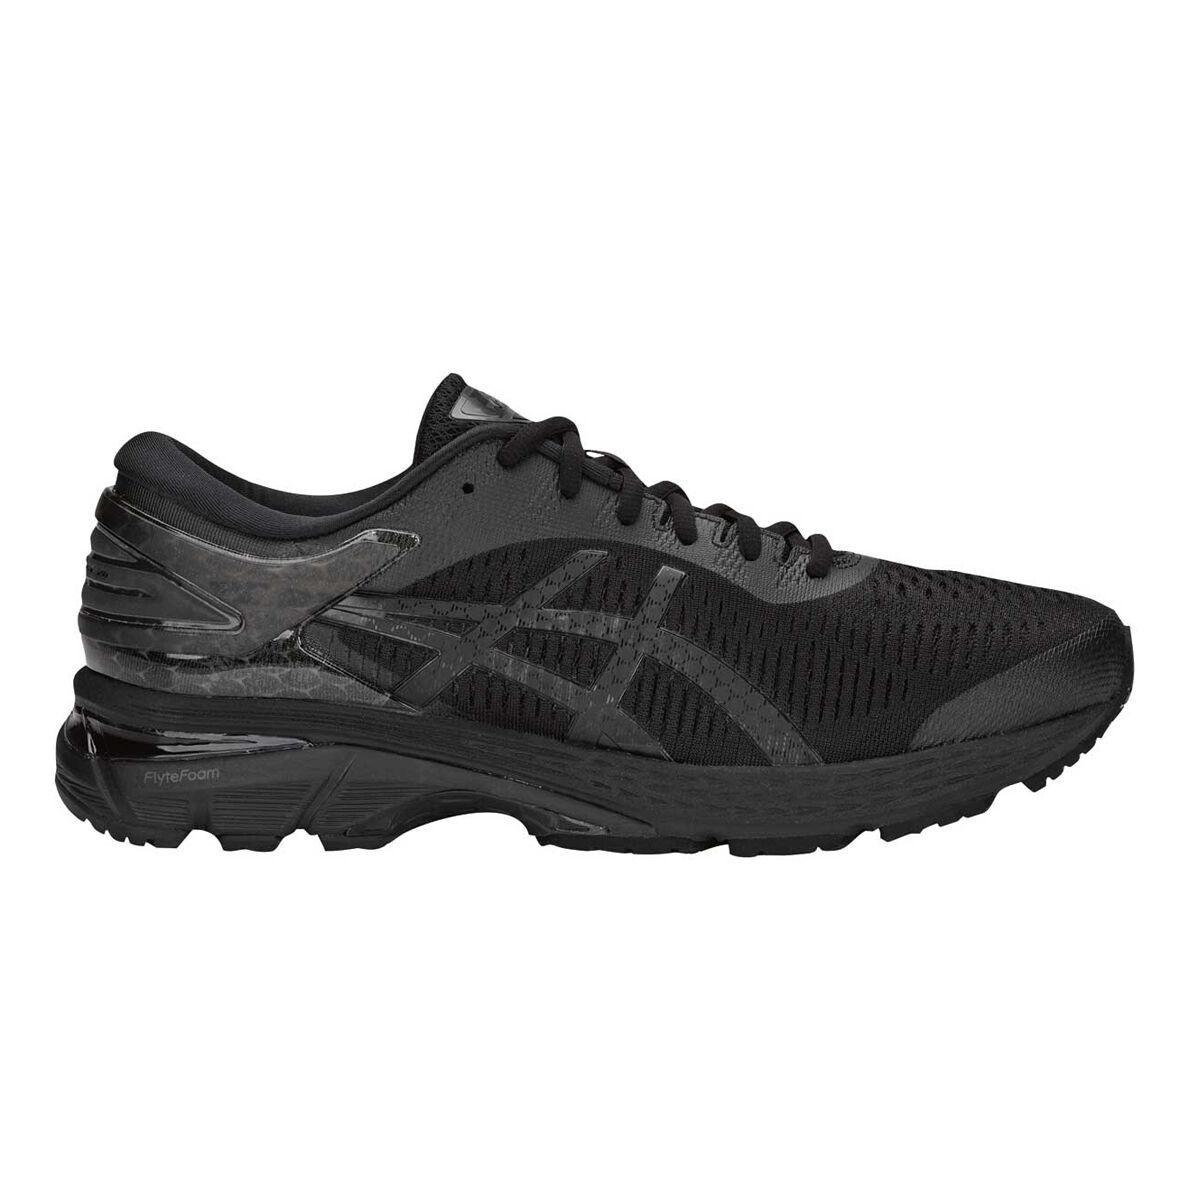 Asics GEL Kayano 25 Mens Running Shoes | Rebel Sport